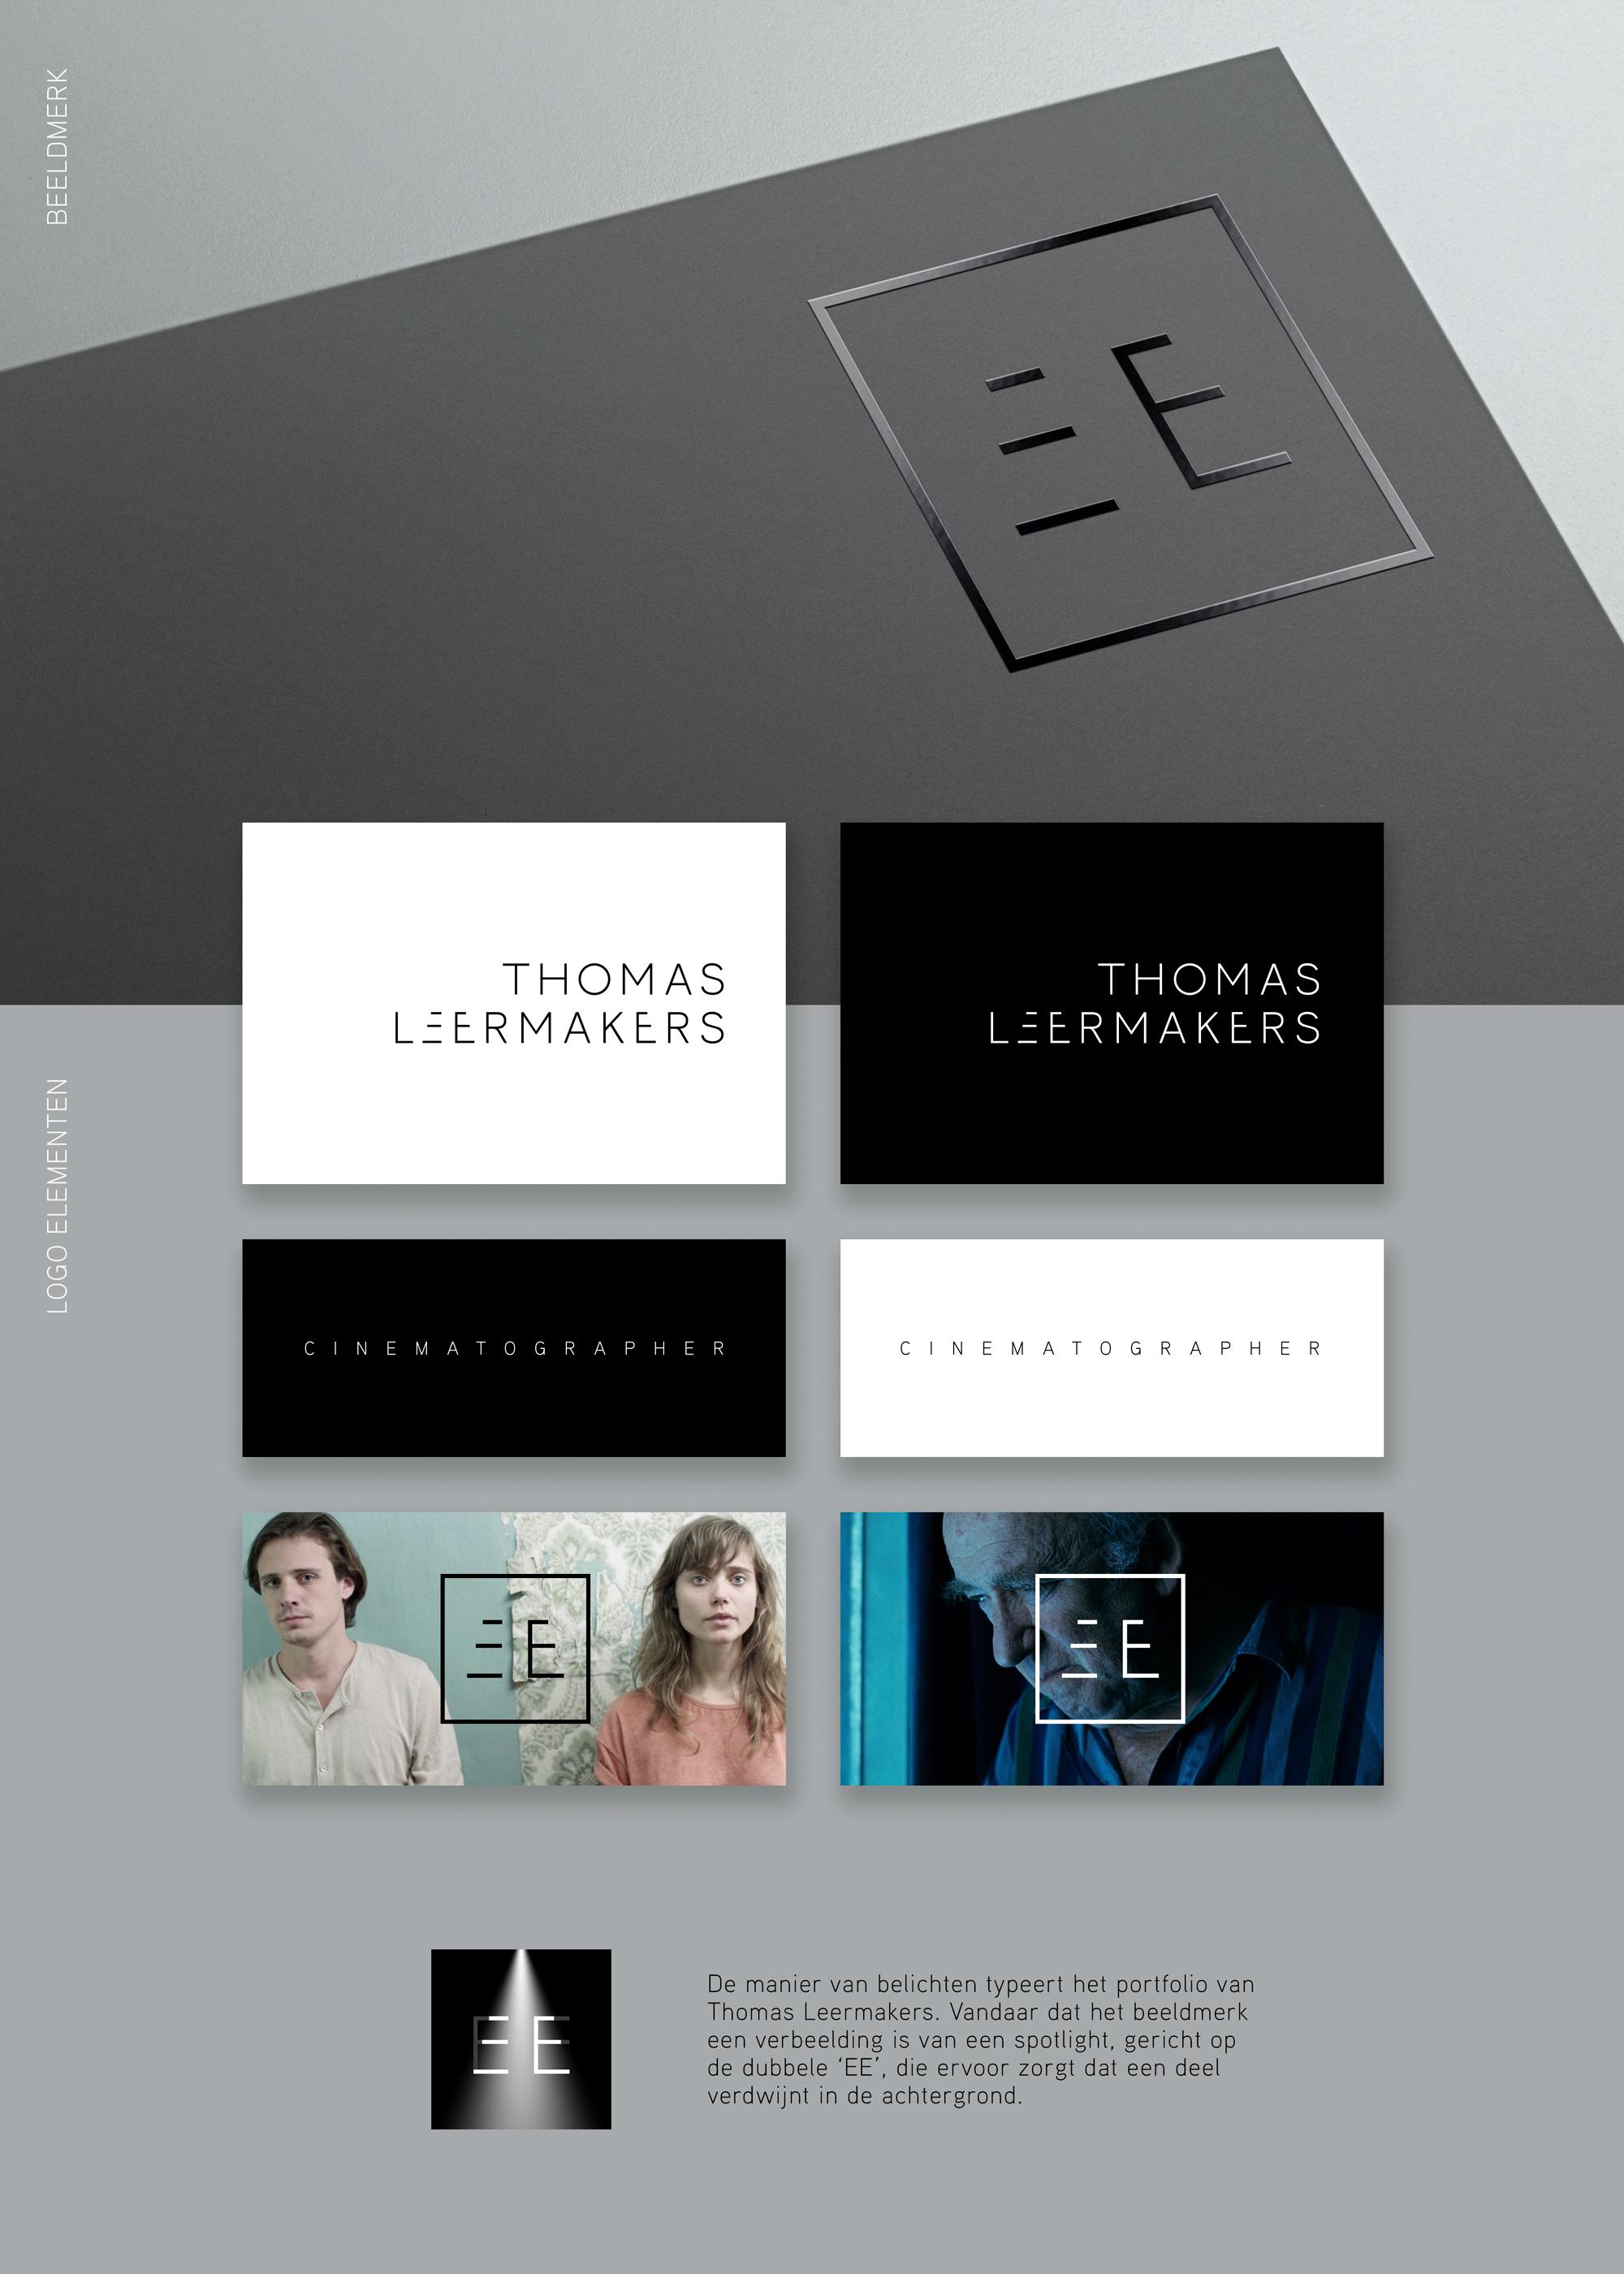 thomas leermakers logo variaties